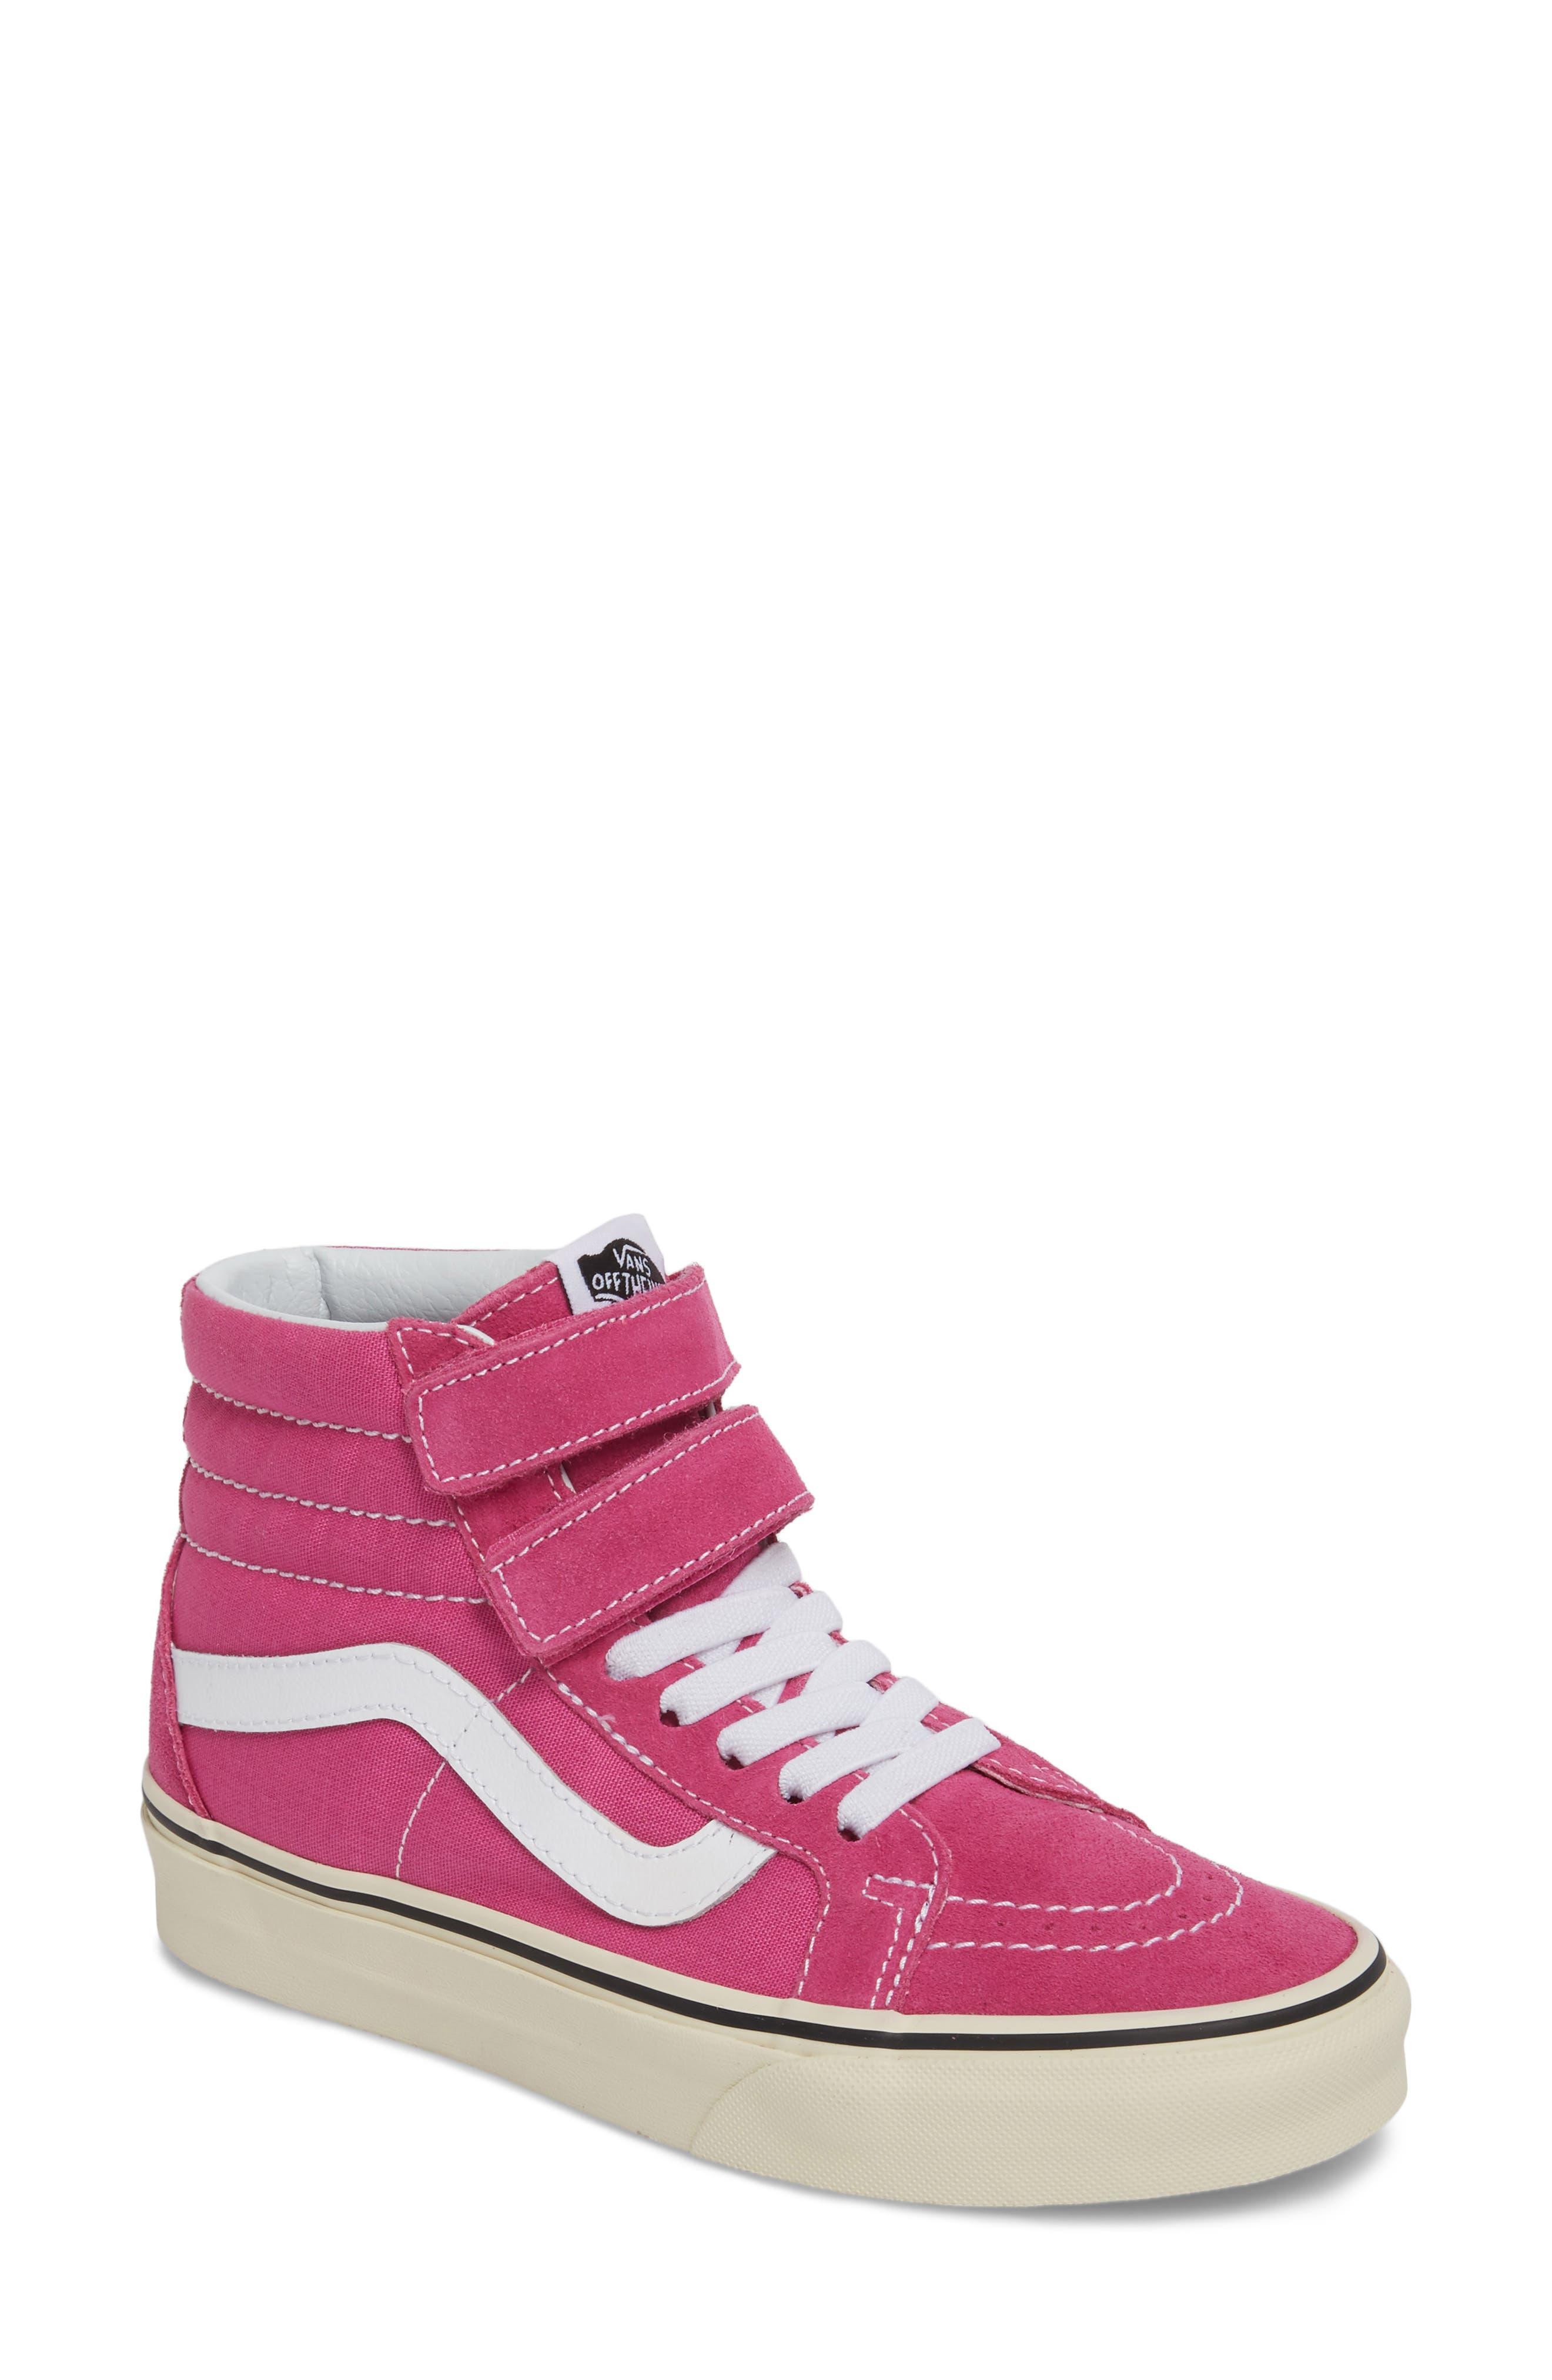 Buy pink furry vans > OFF55% Discounts